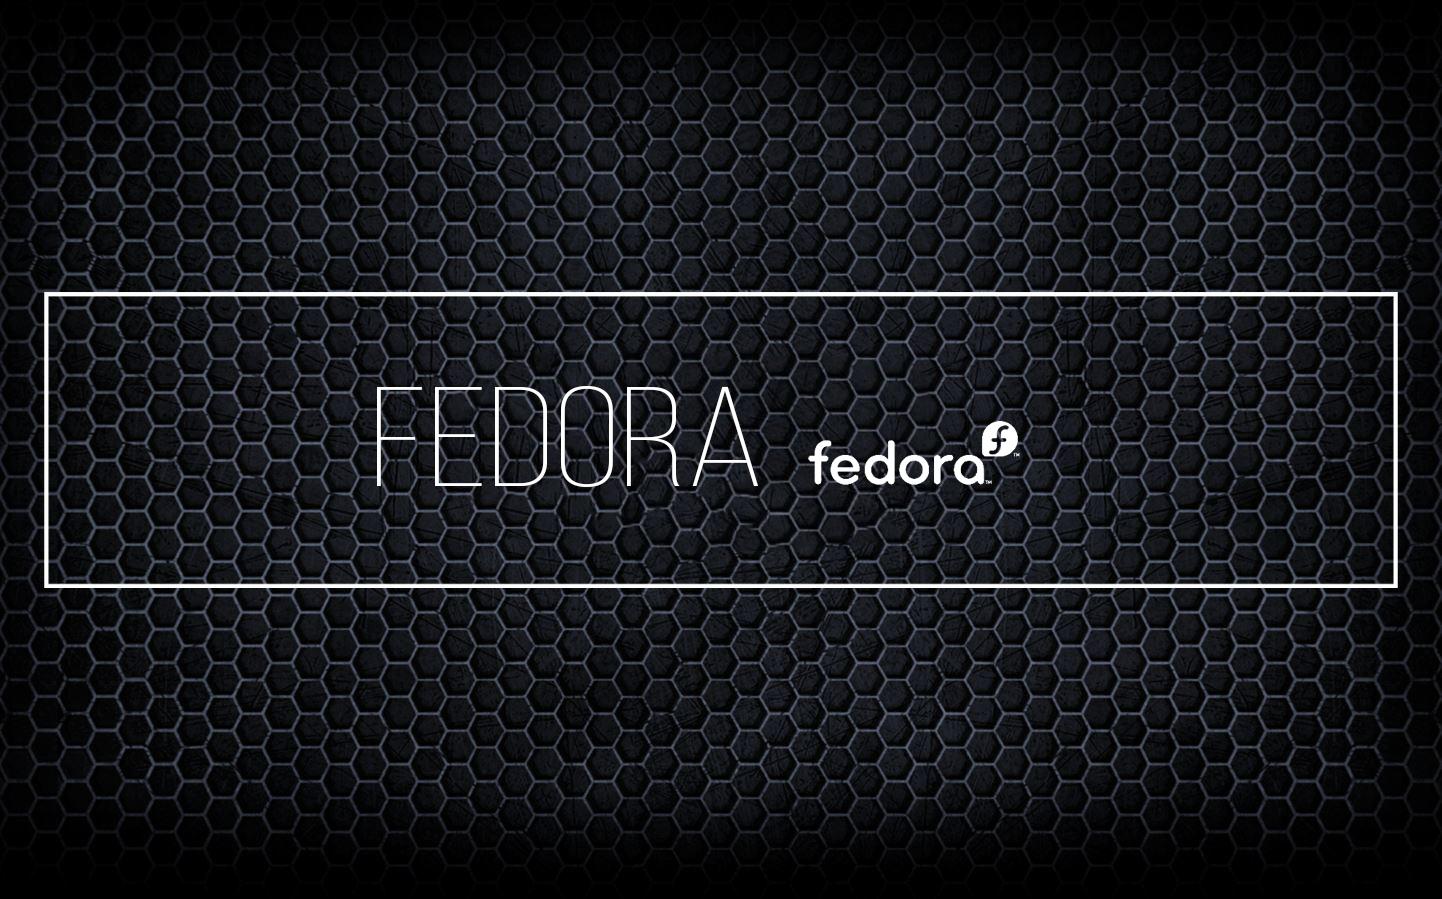 fedora1-1